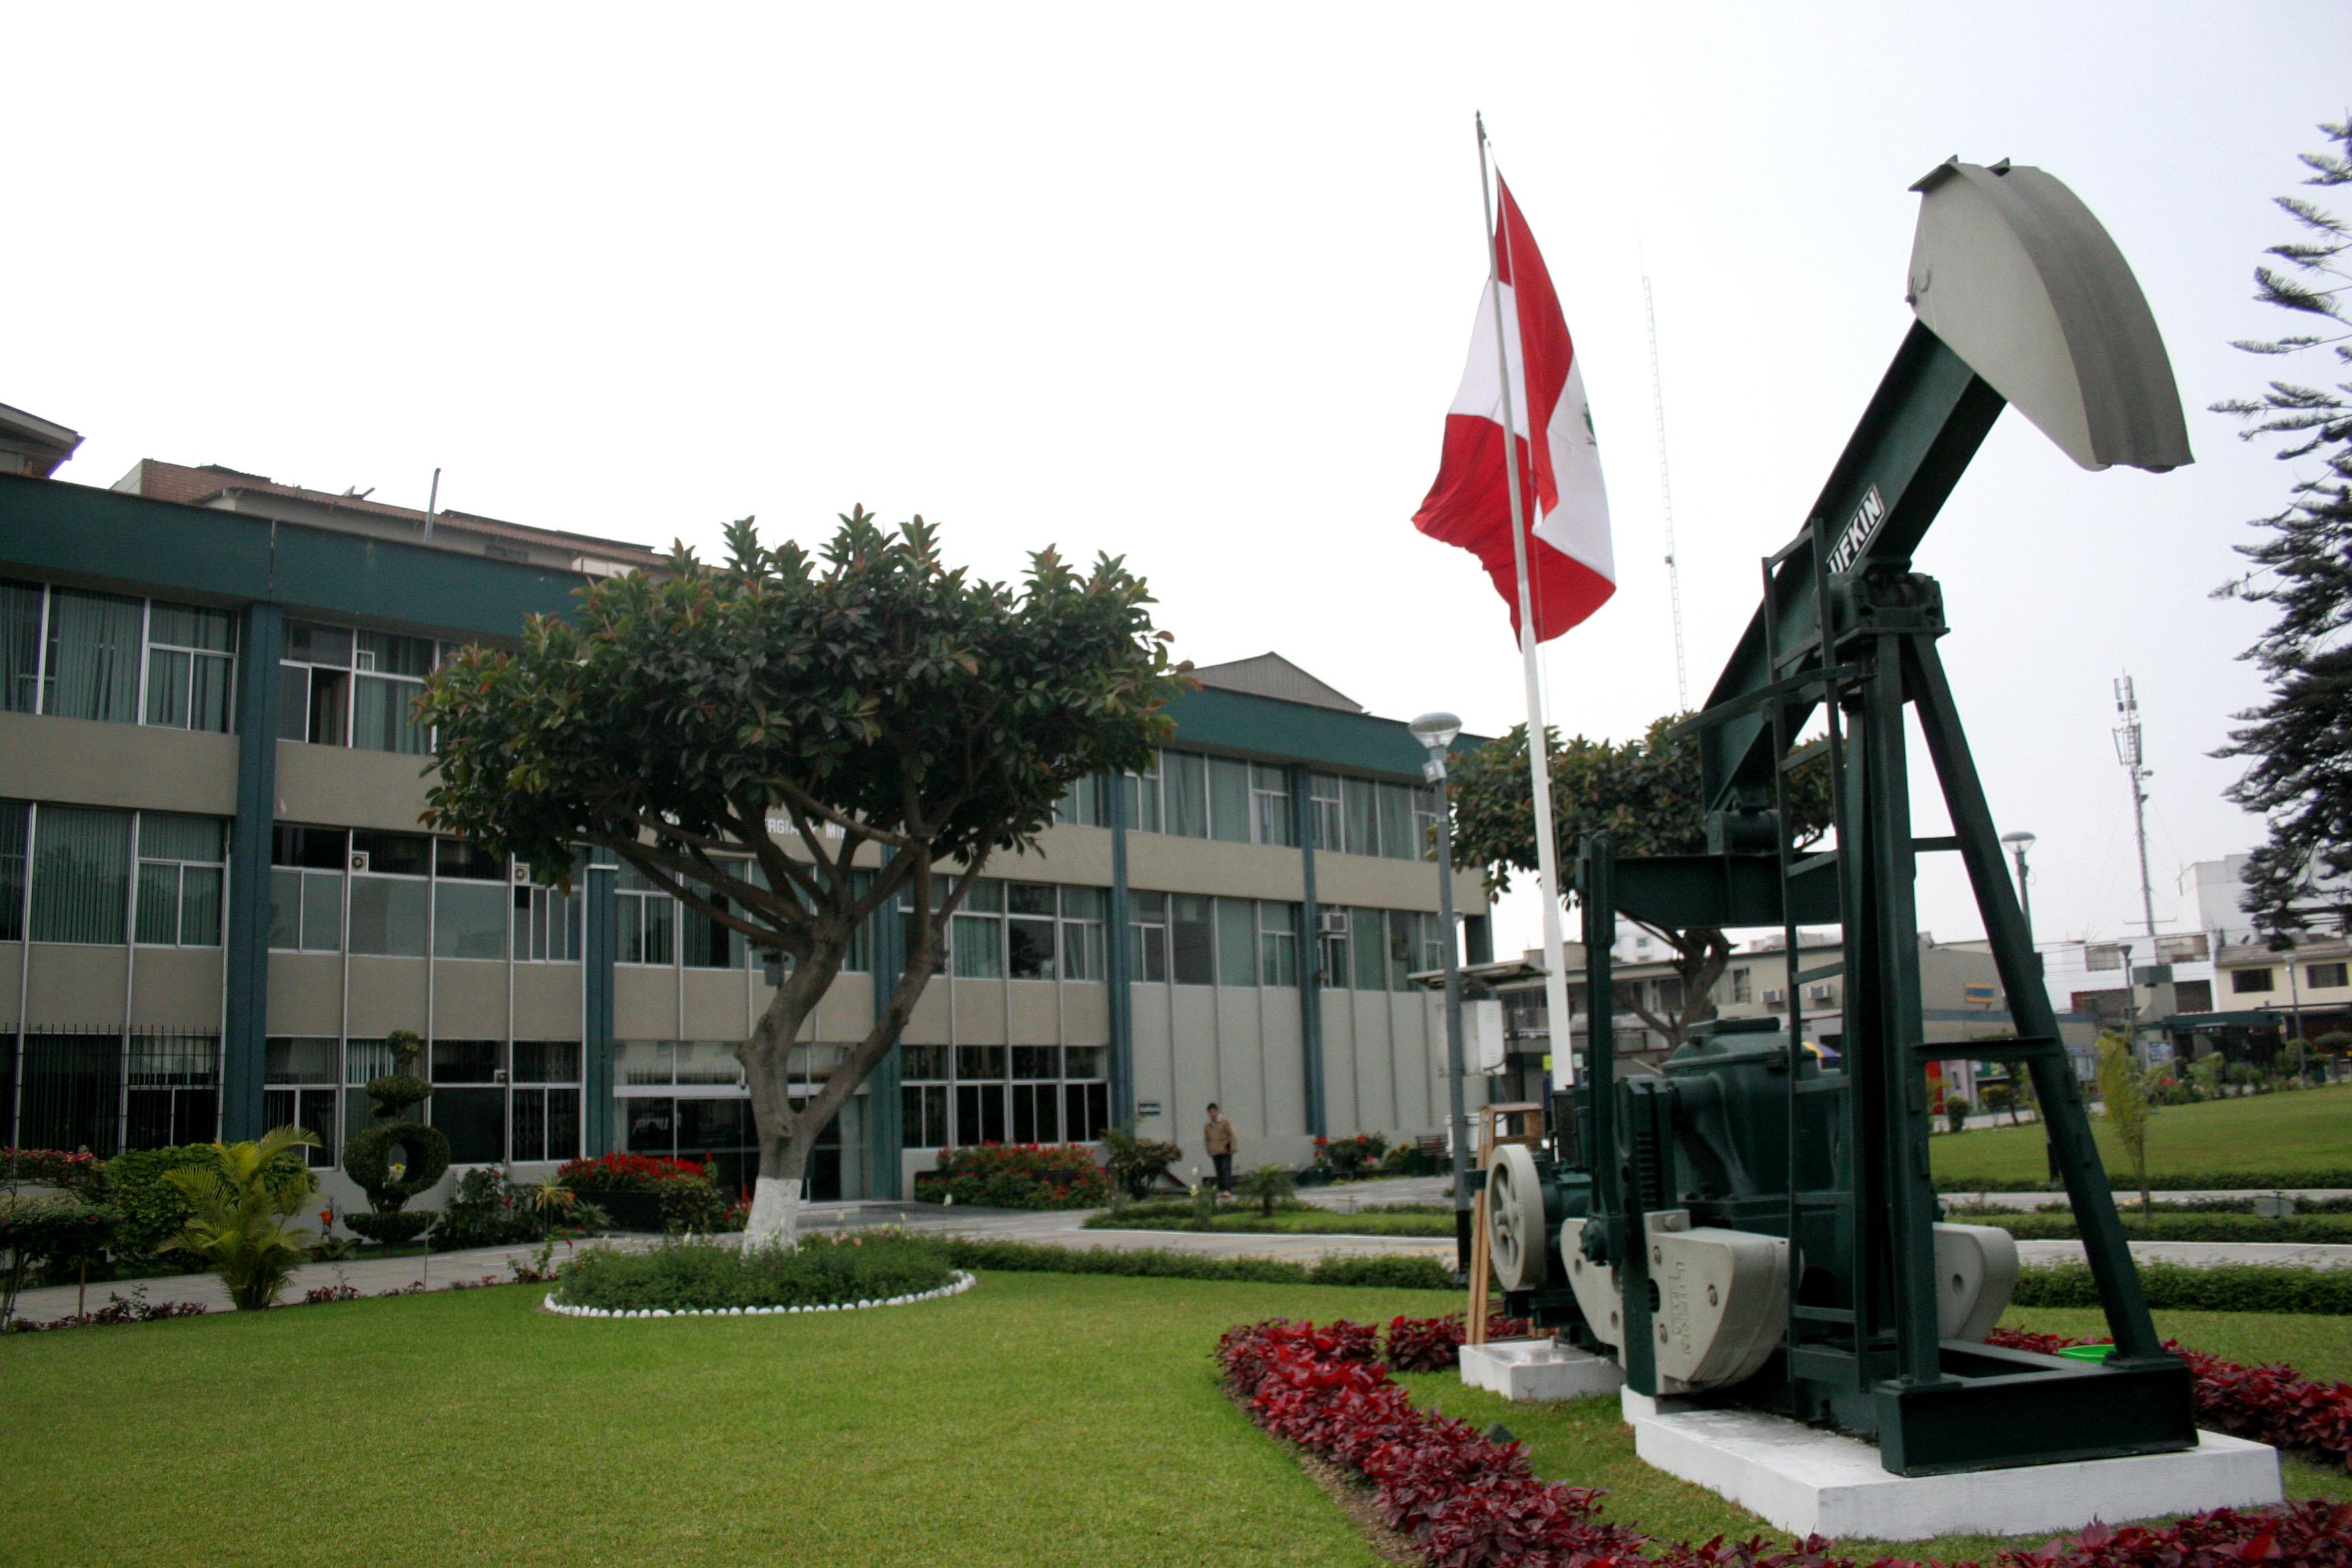 La agenda minera, energética y de hidrocarburos del Ejecutivo